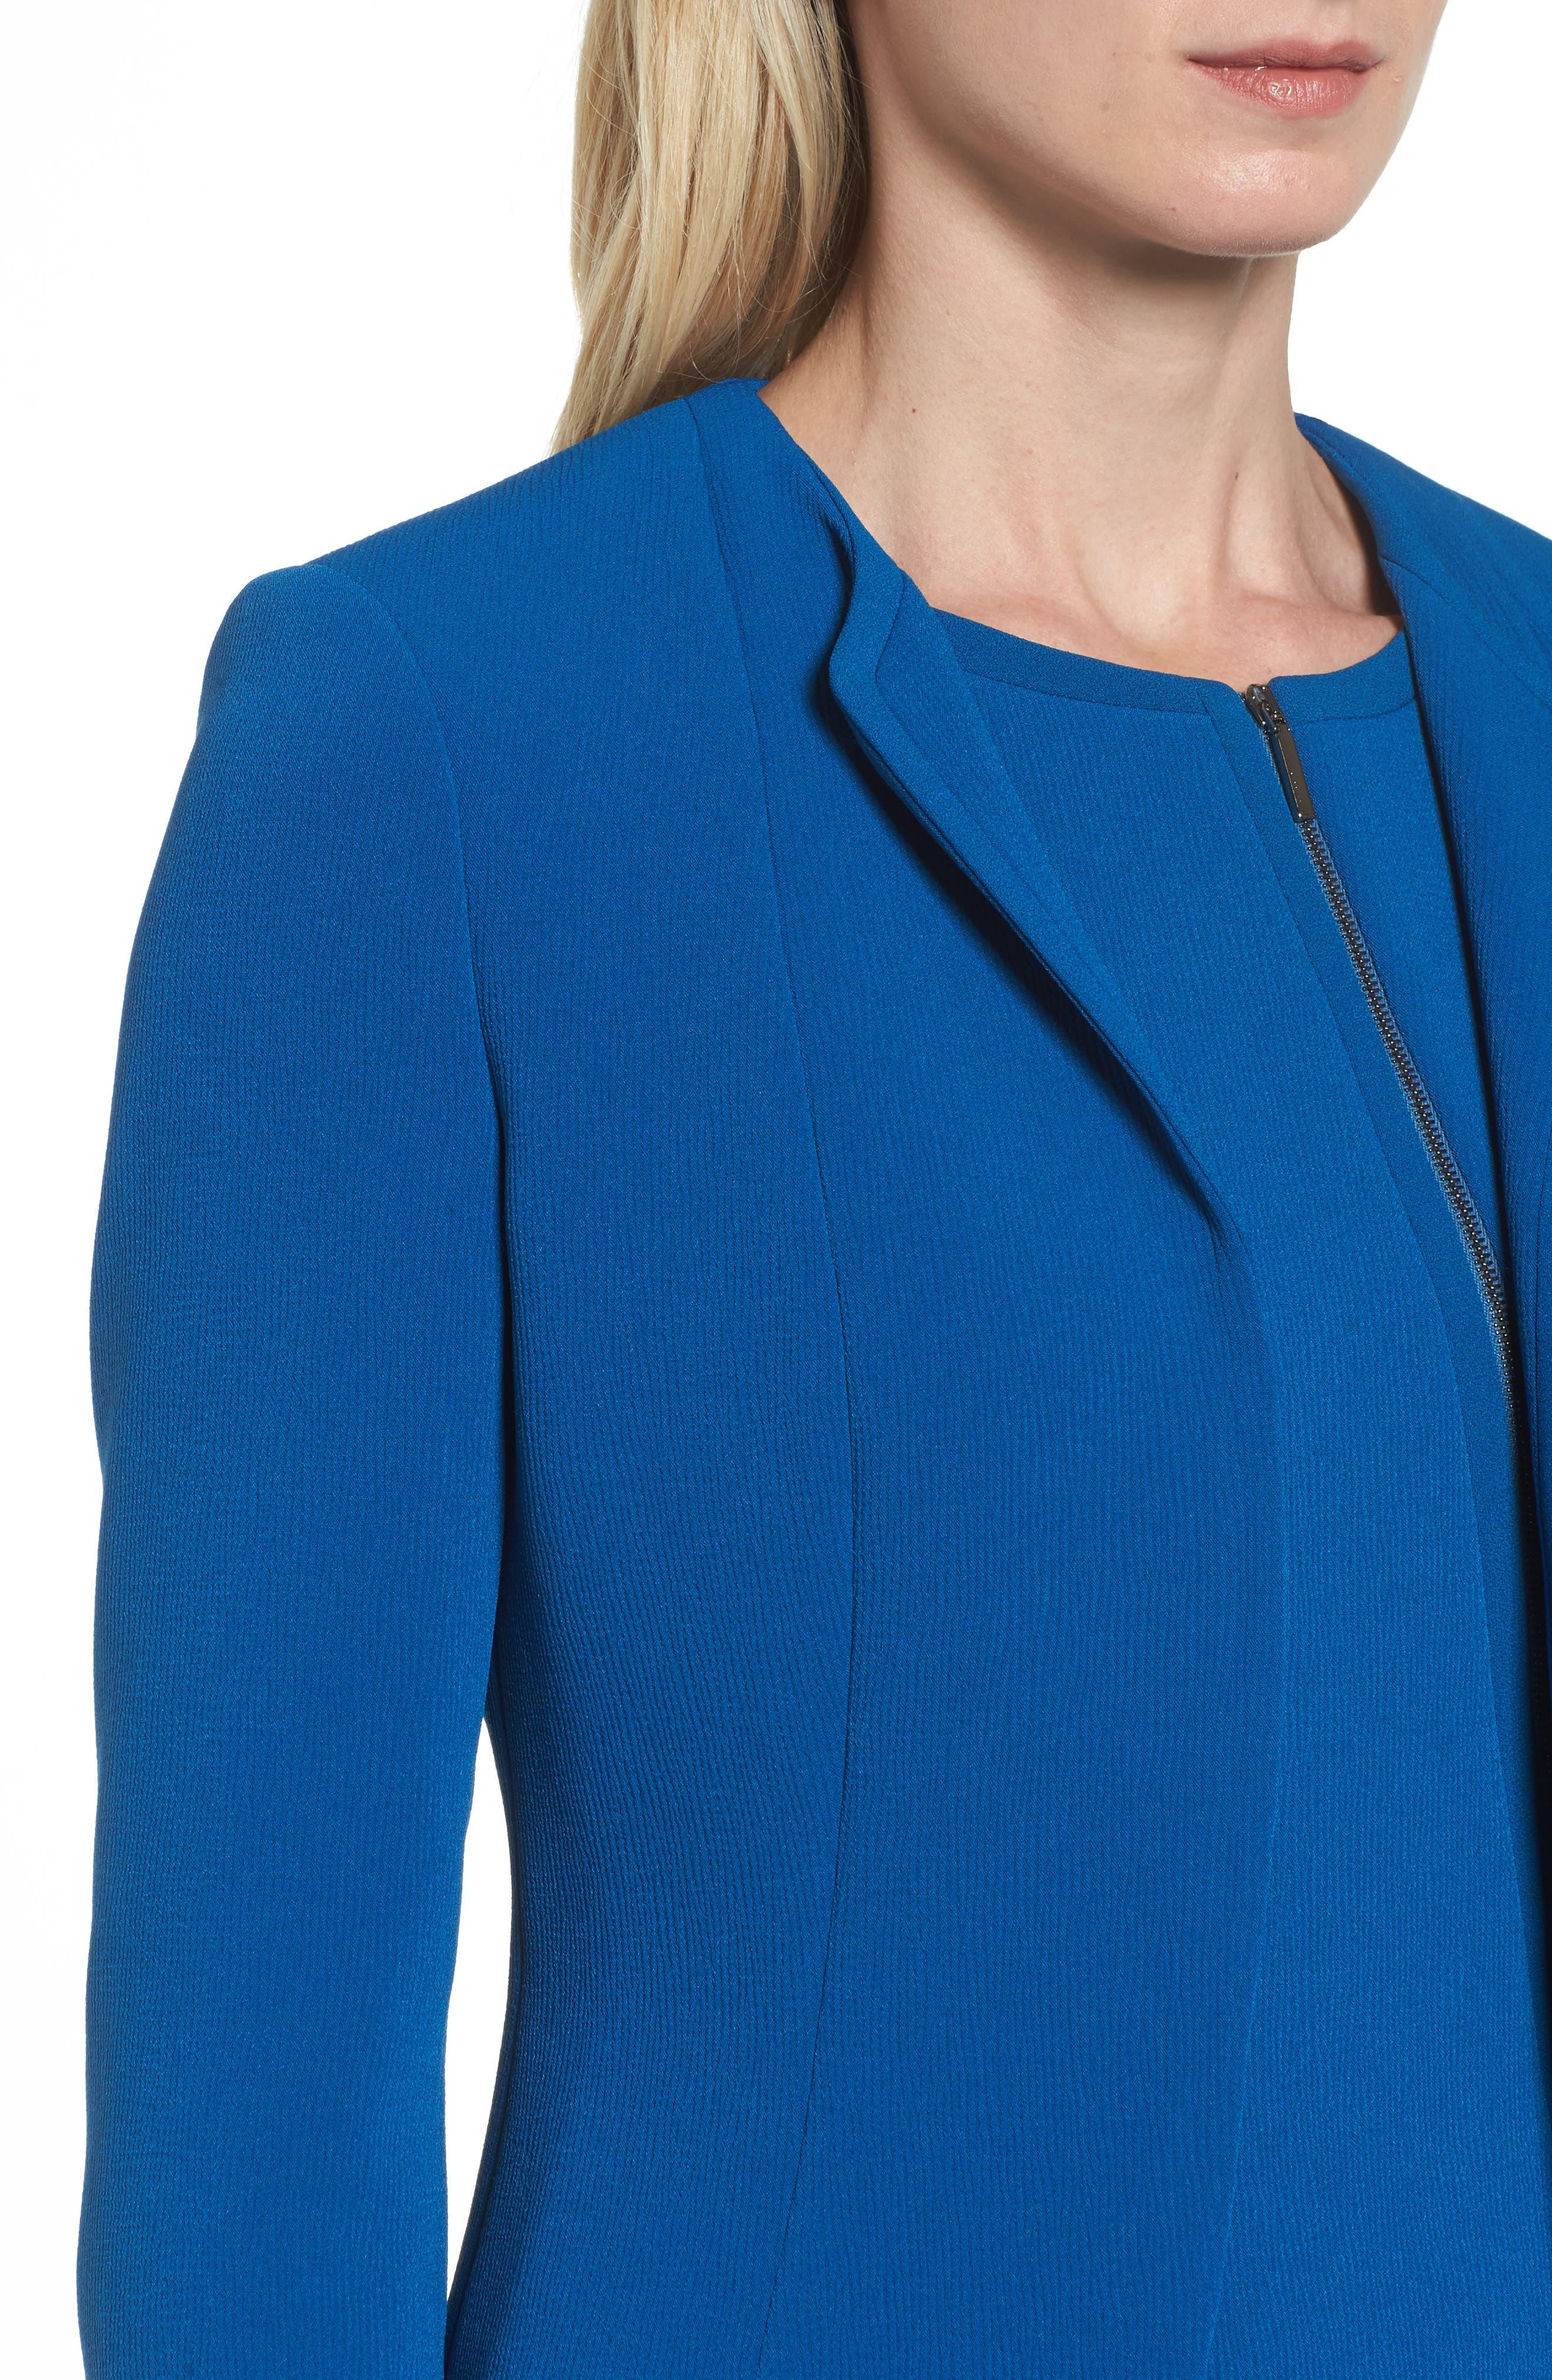 Jerusa Crop Suit Jacket,                             Alternate thumbnail 4, color,                             Gentian Blue